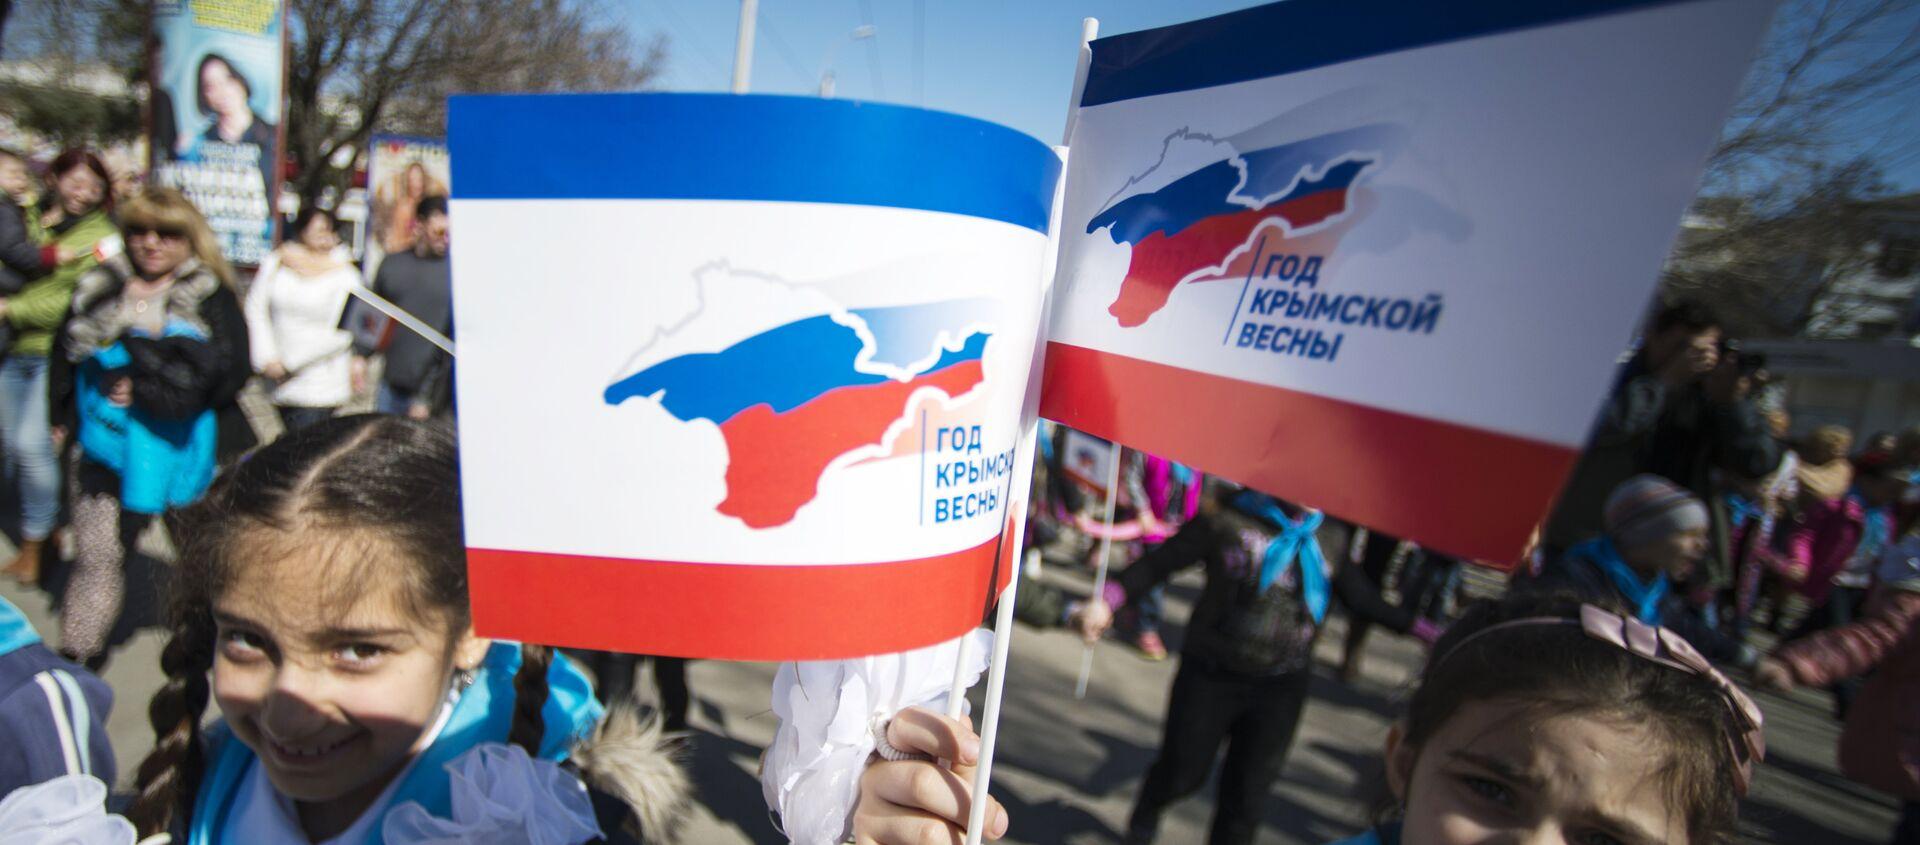 Crimea, i festeggiamenti per il primo anniversario del ritorno alla Russia - Sputnik Italia, 1920, 18.03.2021